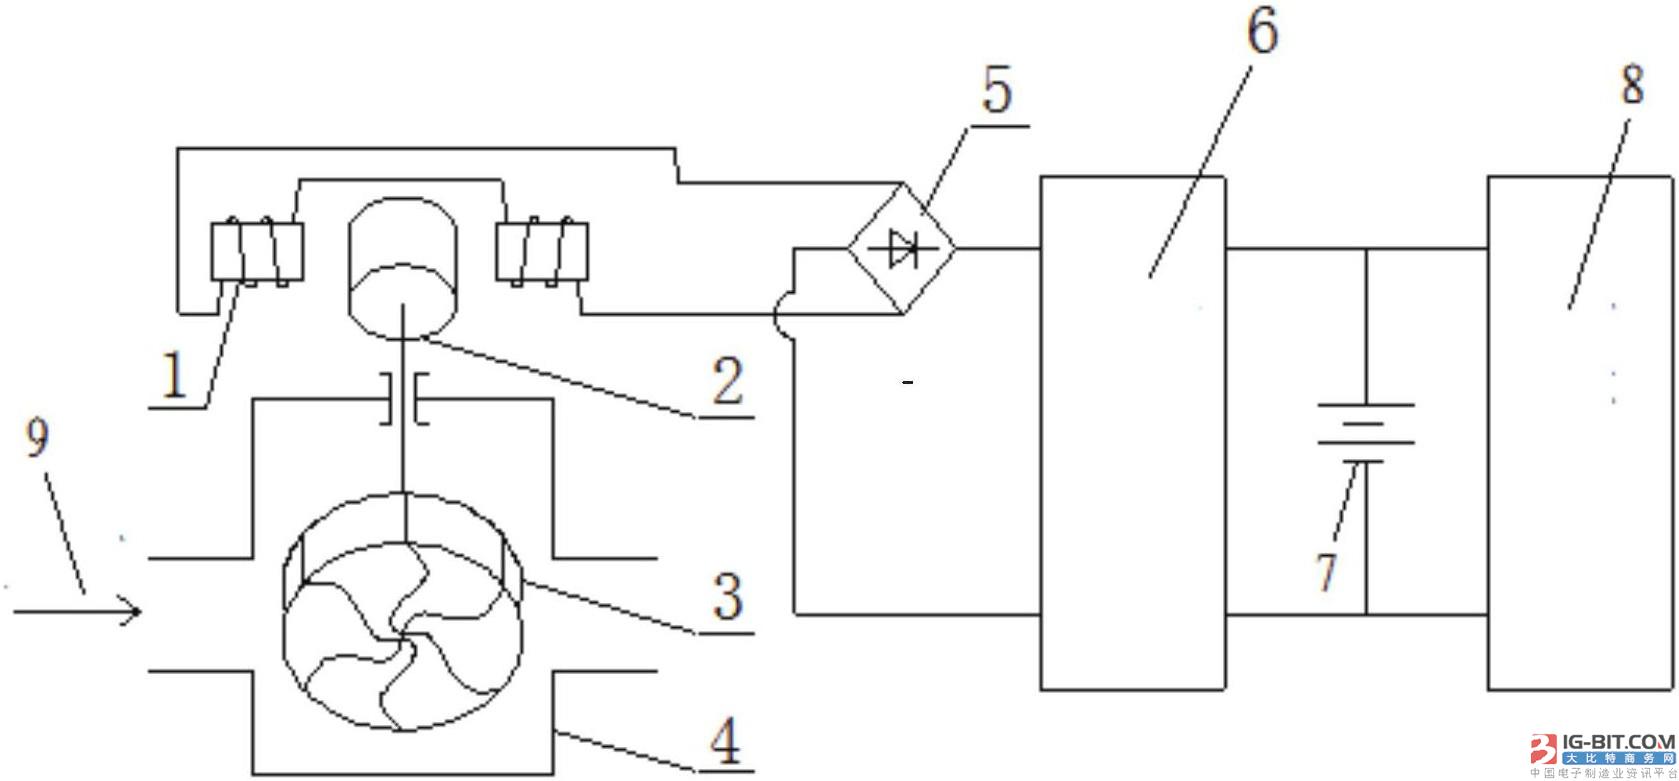 【仪表专利】一种智能水表的供电装置